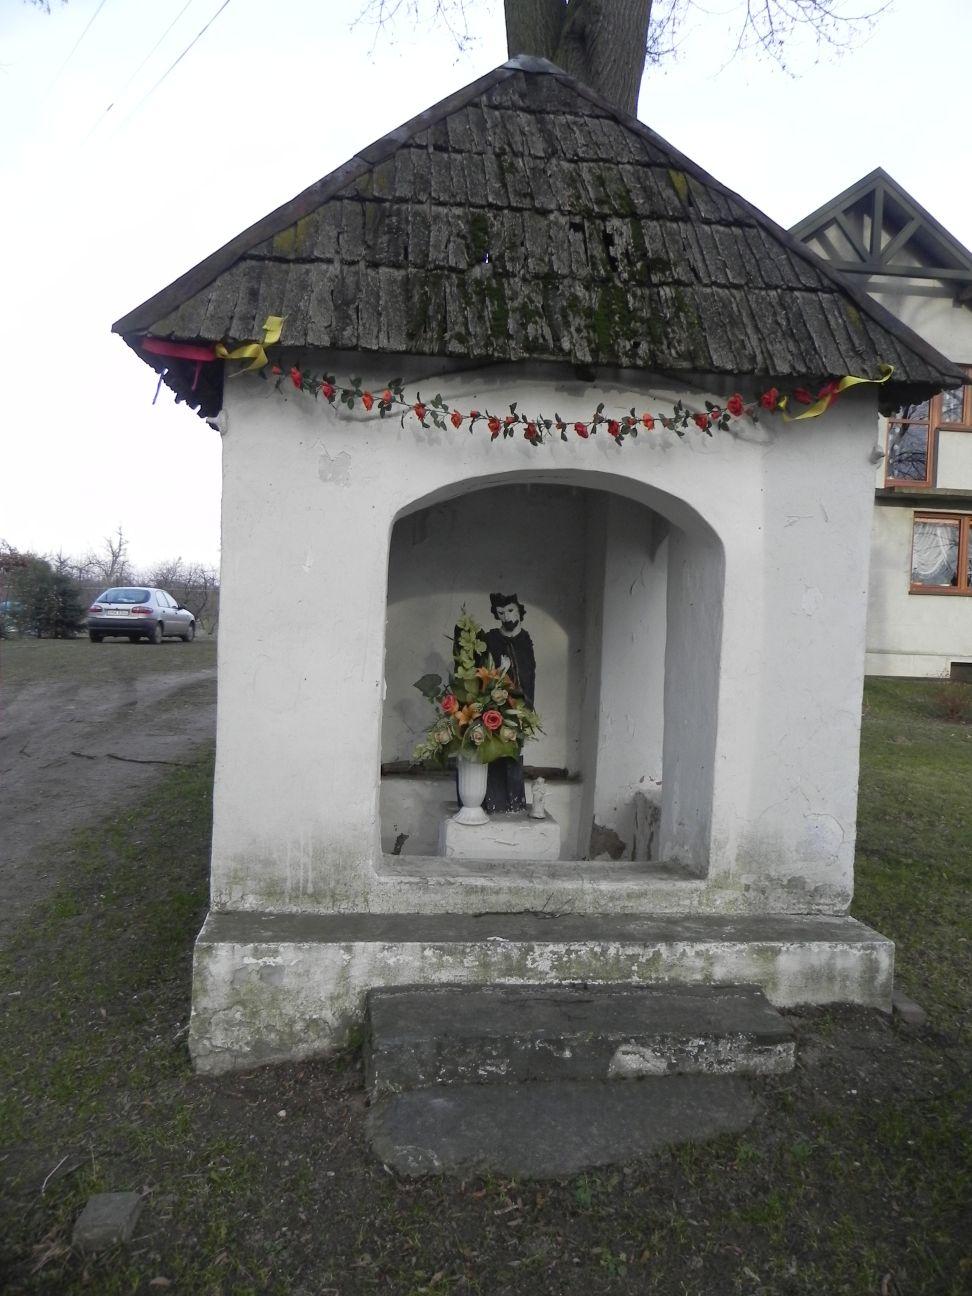 2013-12-26 Bujały - Kapliczka (1)